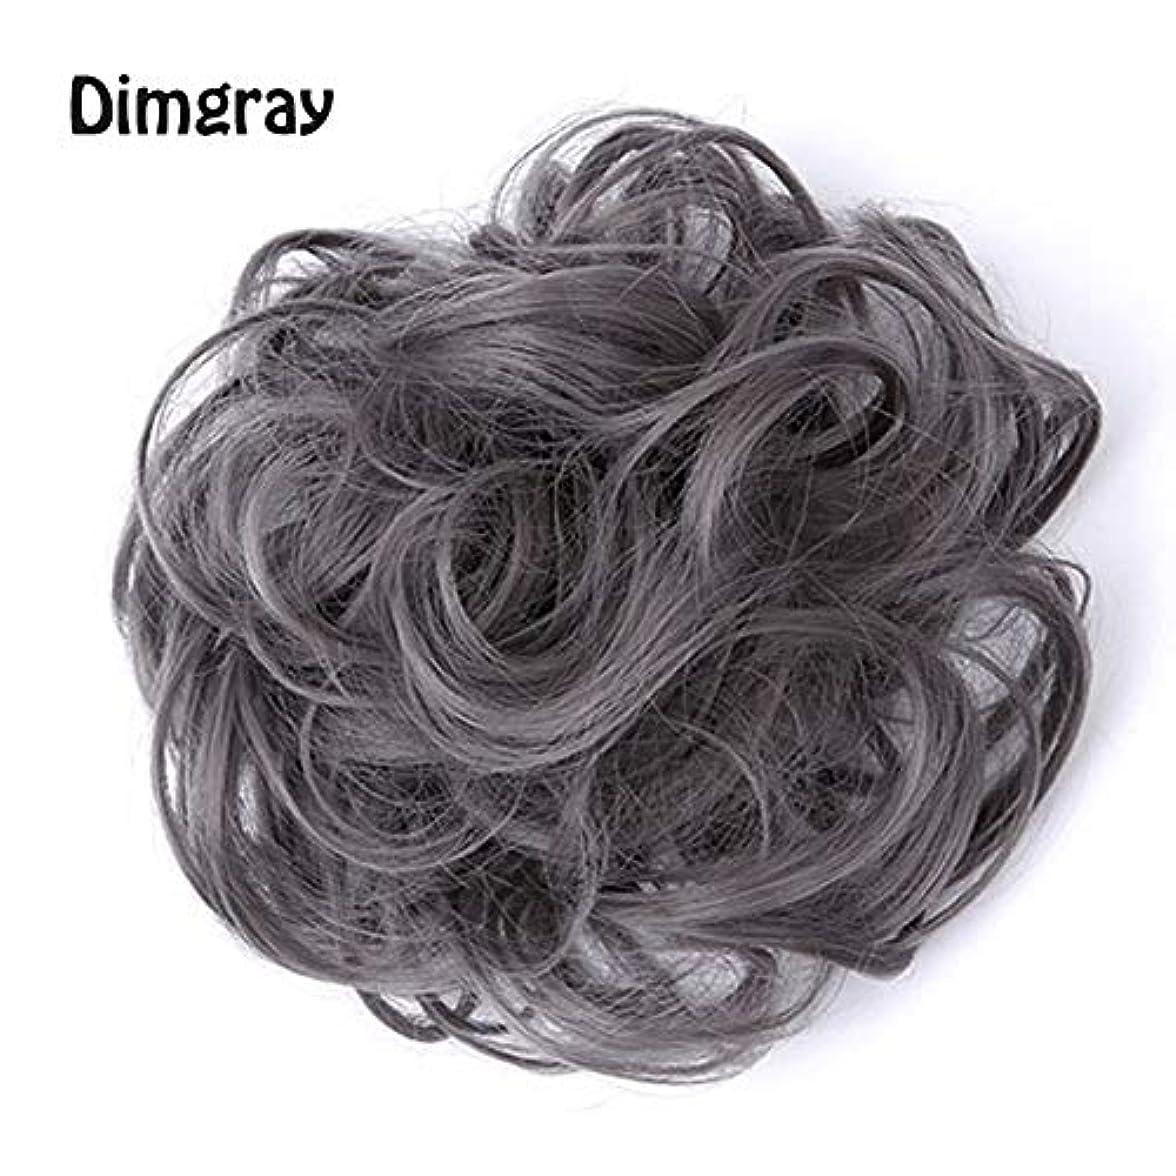 配当信頼性のある無駄乱雑な髪のお団子シュシュの拡張機能、ポニーテールシニョンドーナツアップ、女性用カーリー波状リボンアクセサリー